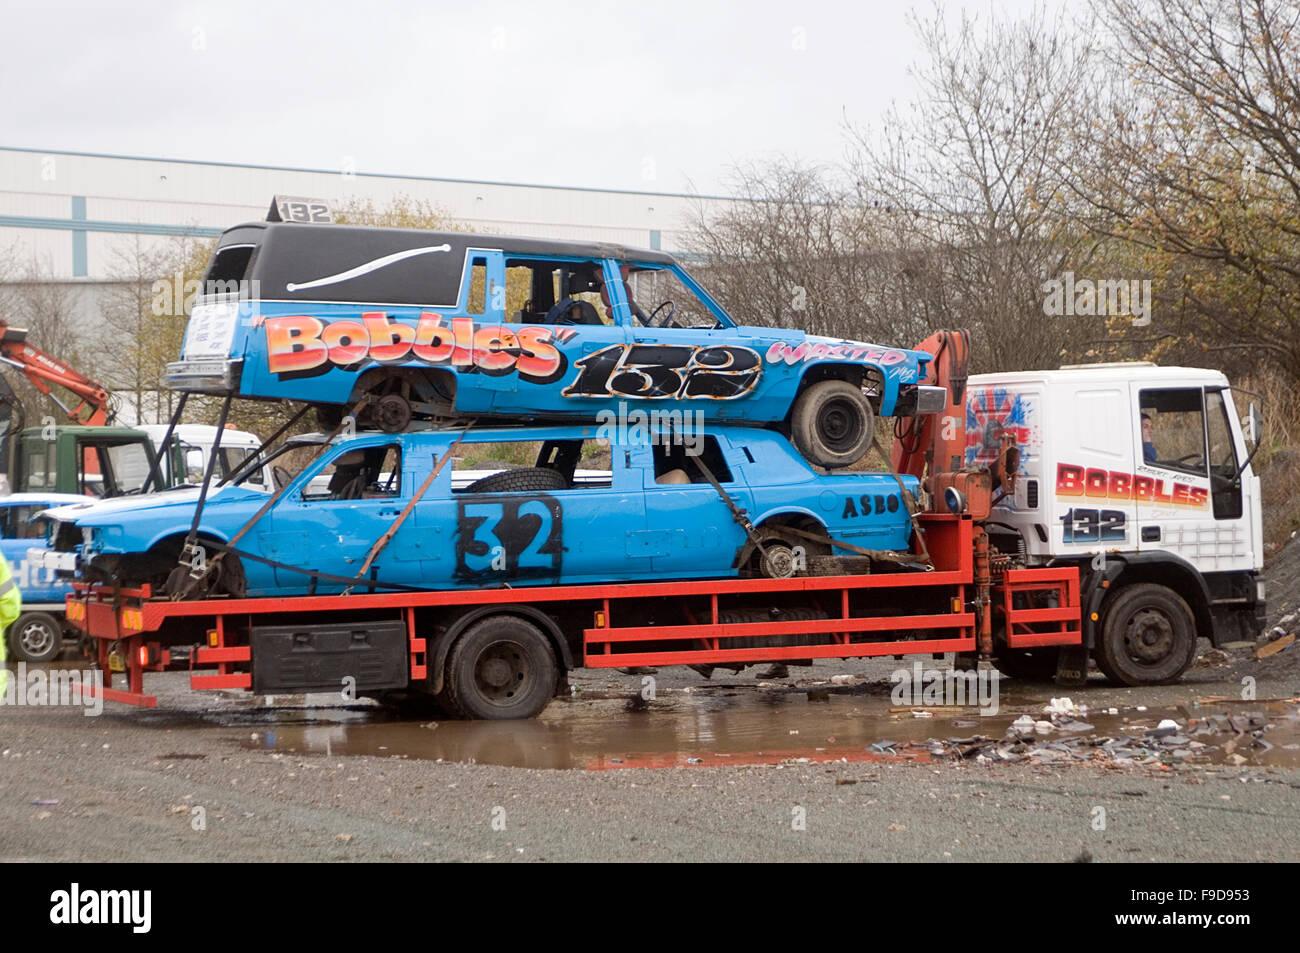 demolition destruction derby derbies cars arriving at track banger ...